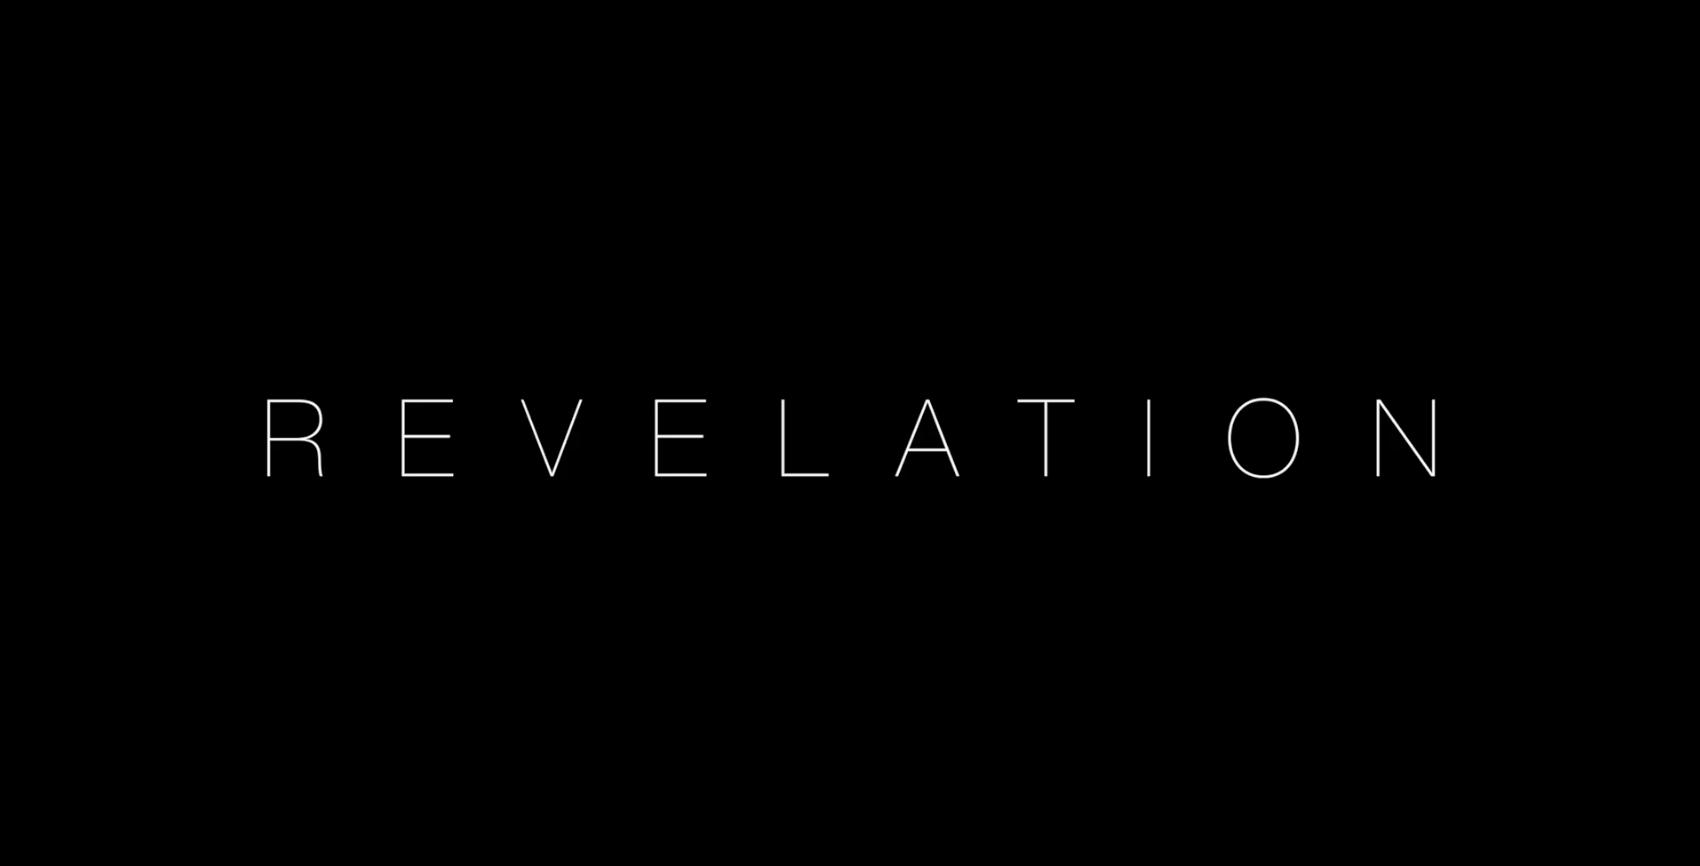 revelation short film AEOfilms